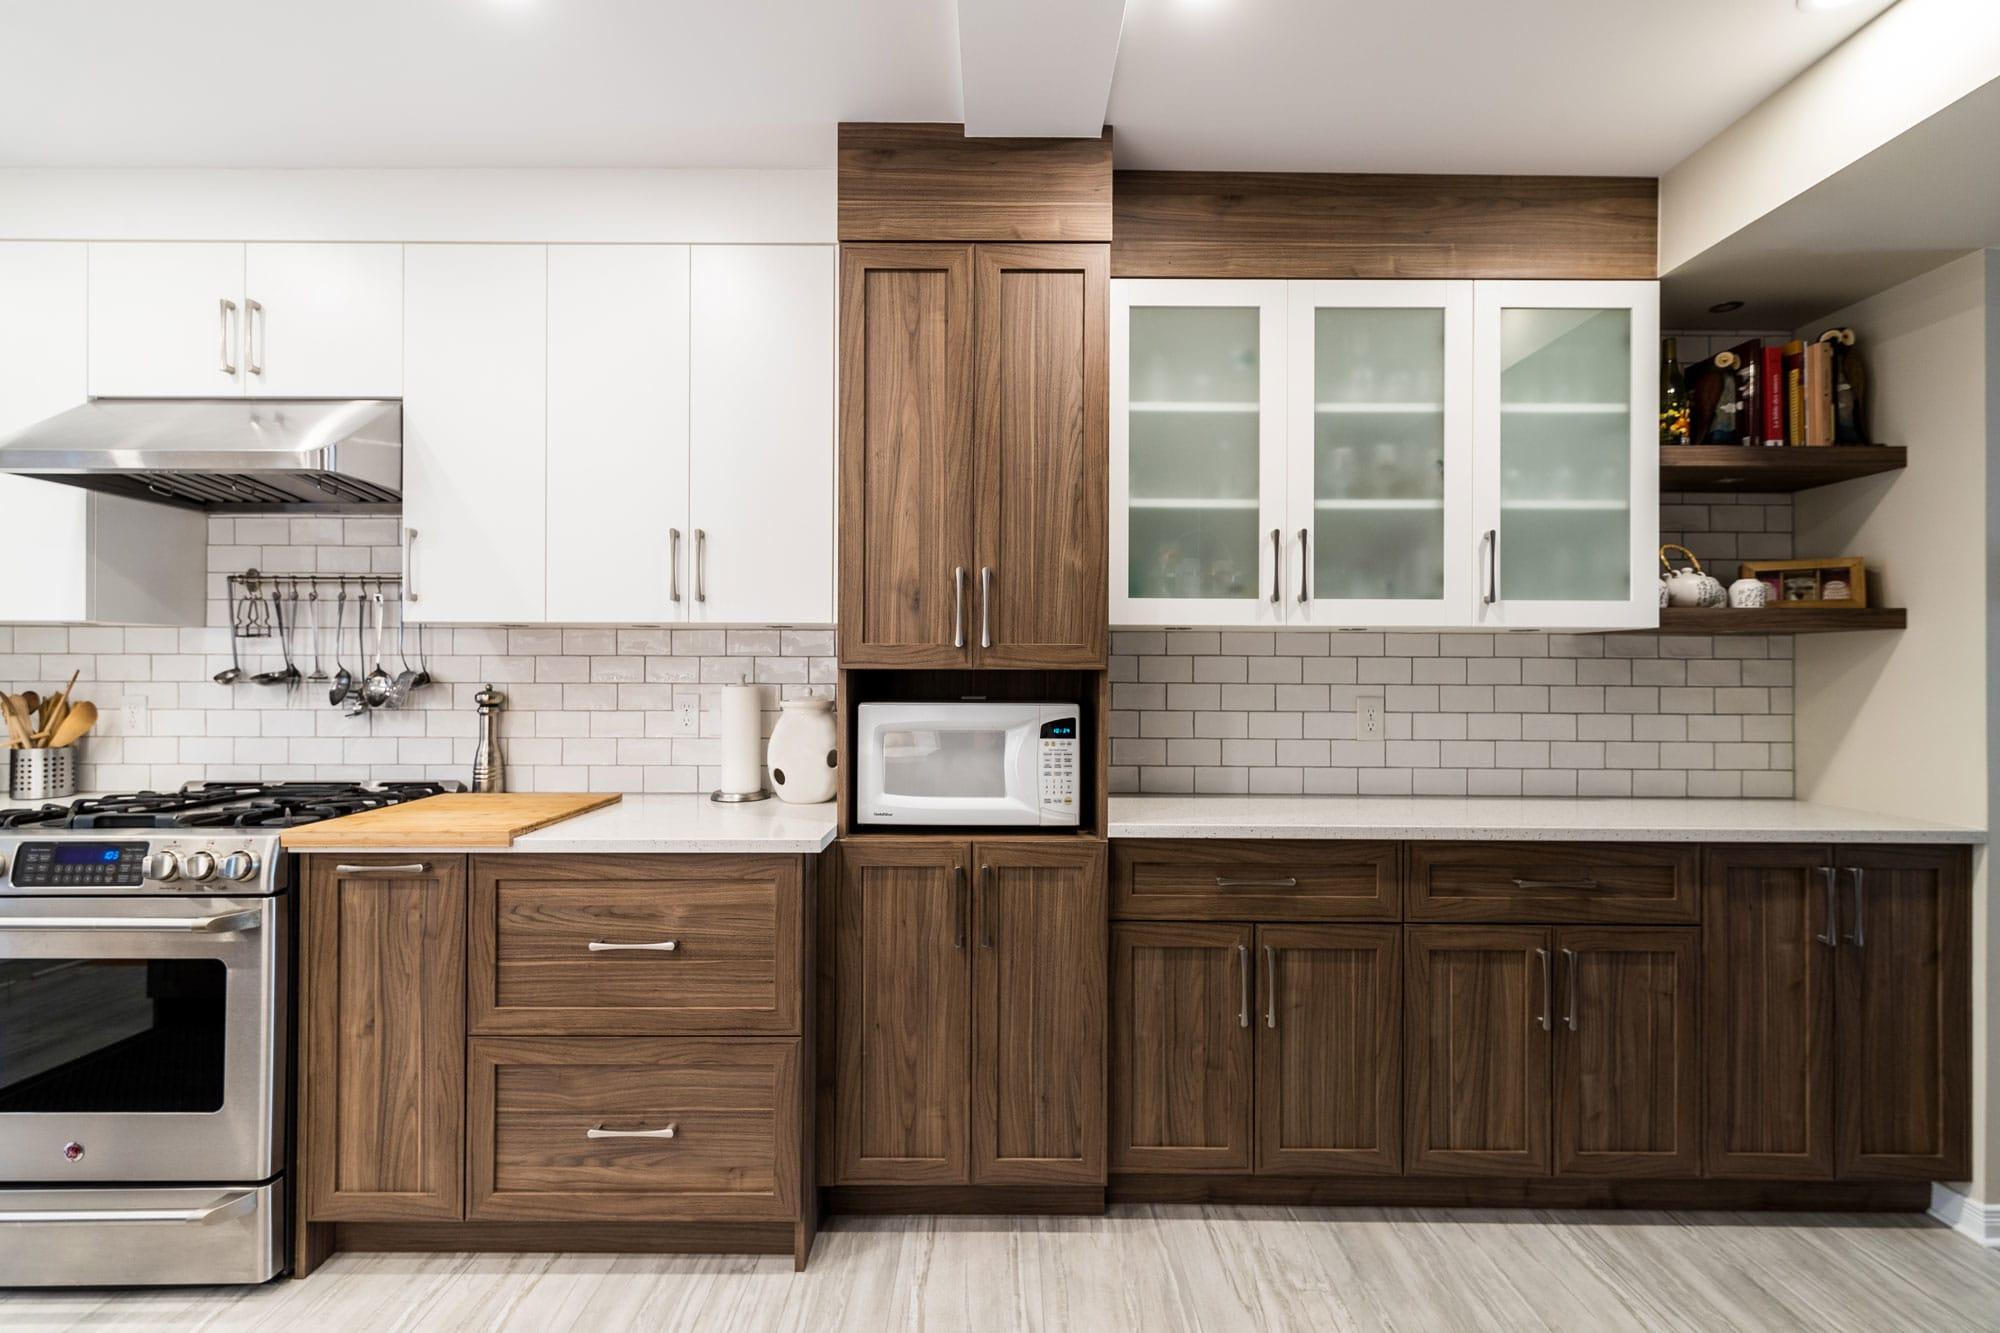 rénovation cuisine classique deux tons avec comptoir en quartz et cuisinière au gaz